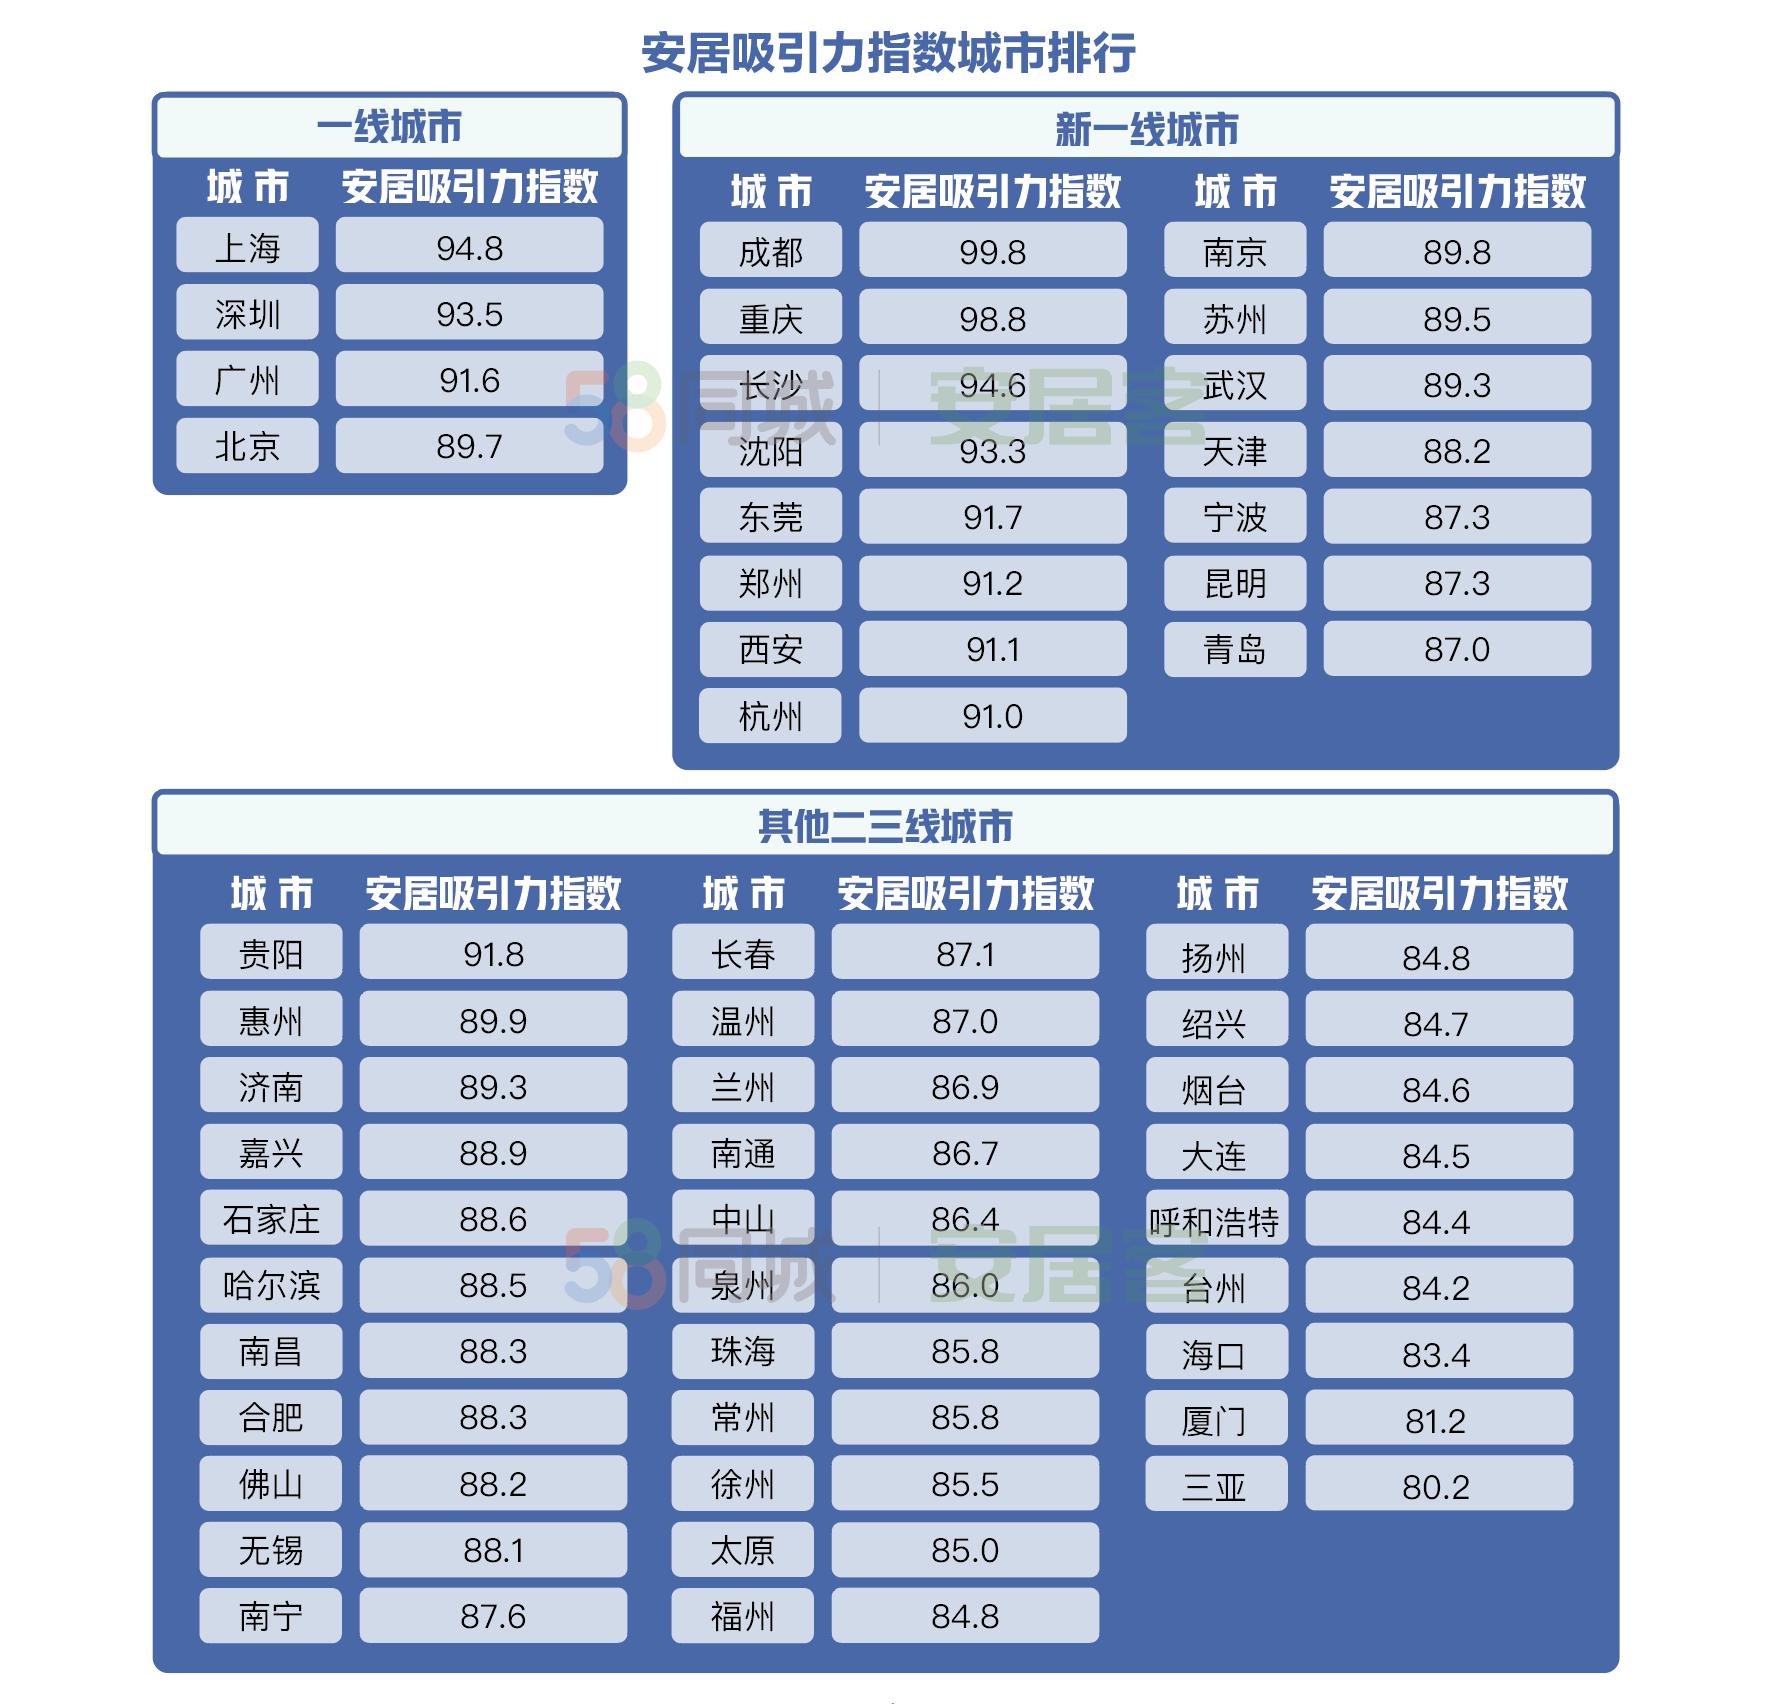 """城市人才安居吸引力""""比拼"""":成都高居首位,重庆找房热度最高,长沙买房压力最小"""